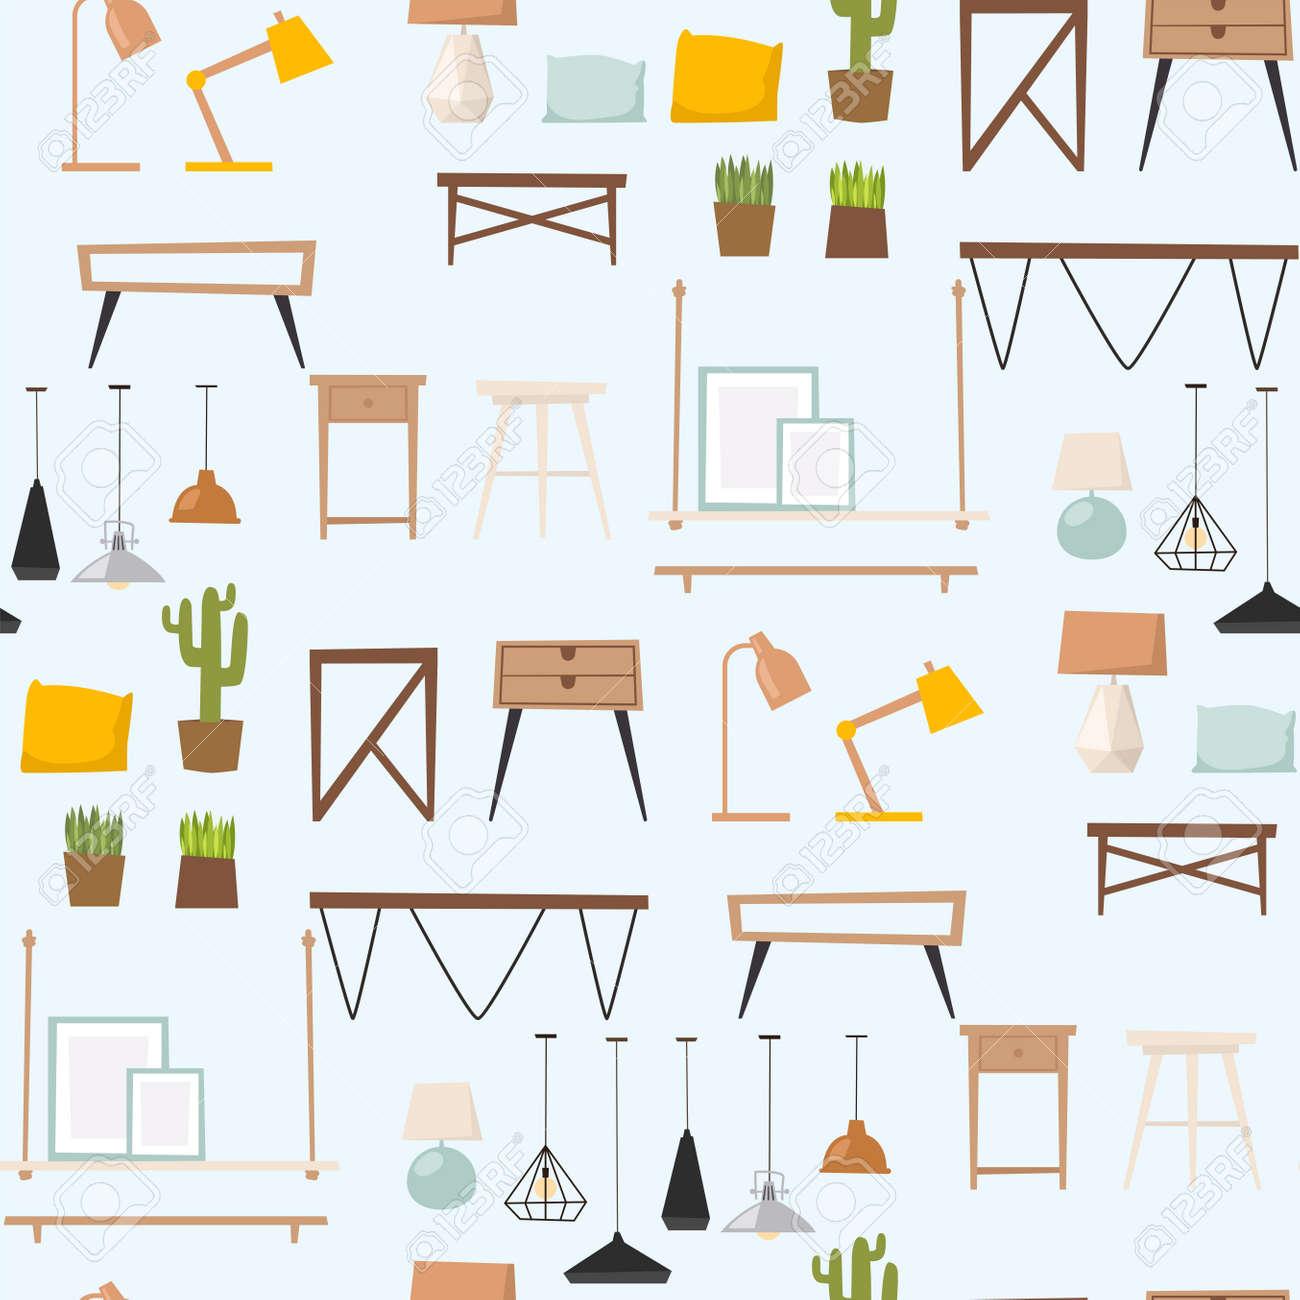 Furniture Room Interior Design Apartment Home Decor Concept Flat